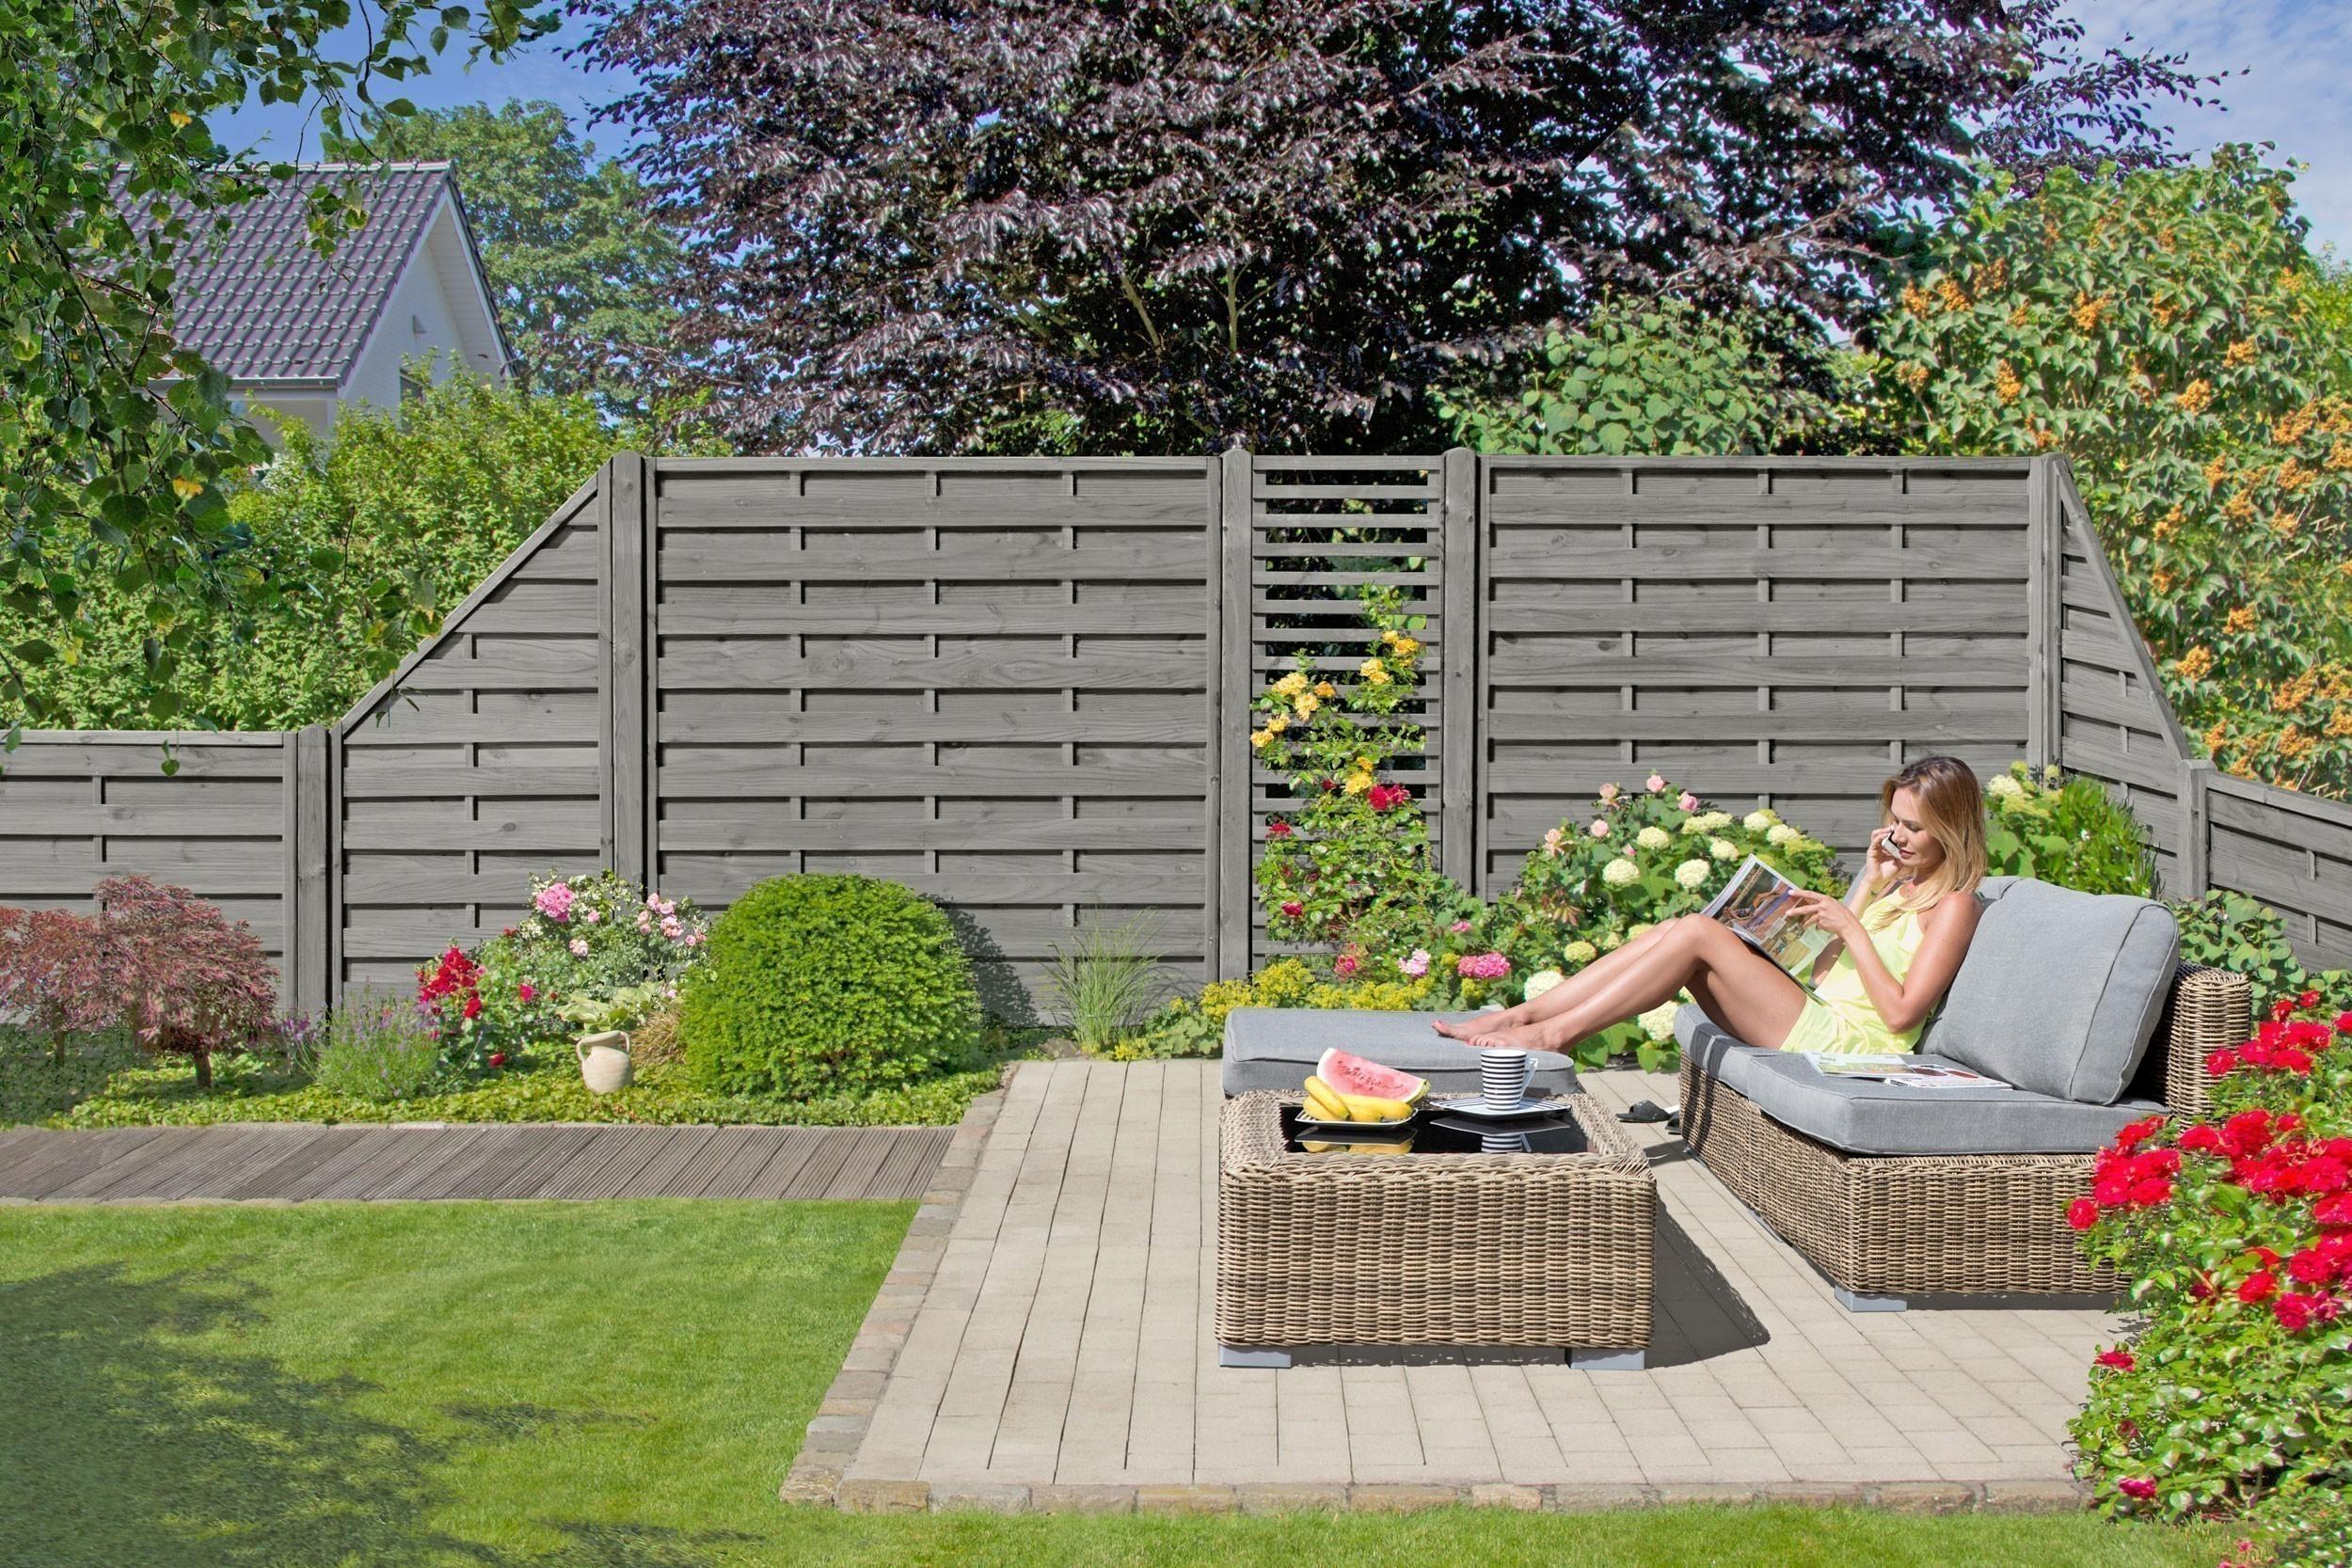 Sichtschutzzaun / Zaunelement Dichtzaun KDI grau 90x180/90cm Bild 2